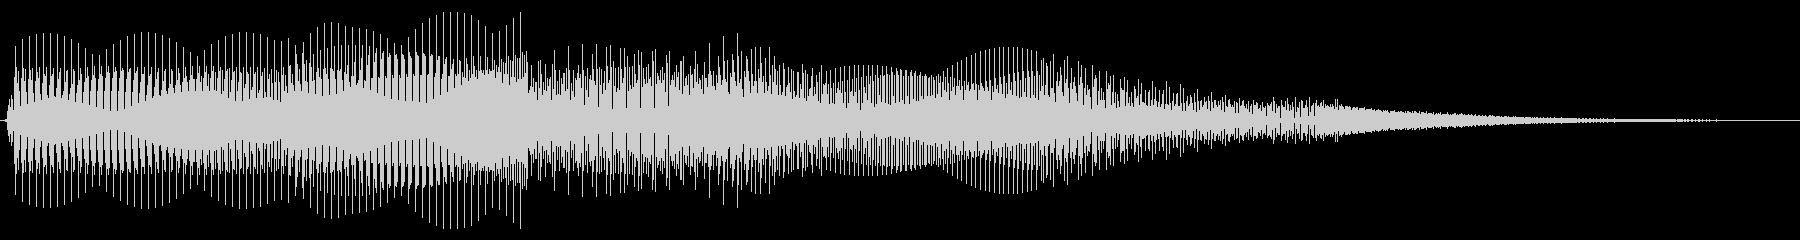 ボタン押下や決定音_ピピッ!の未再生の波形